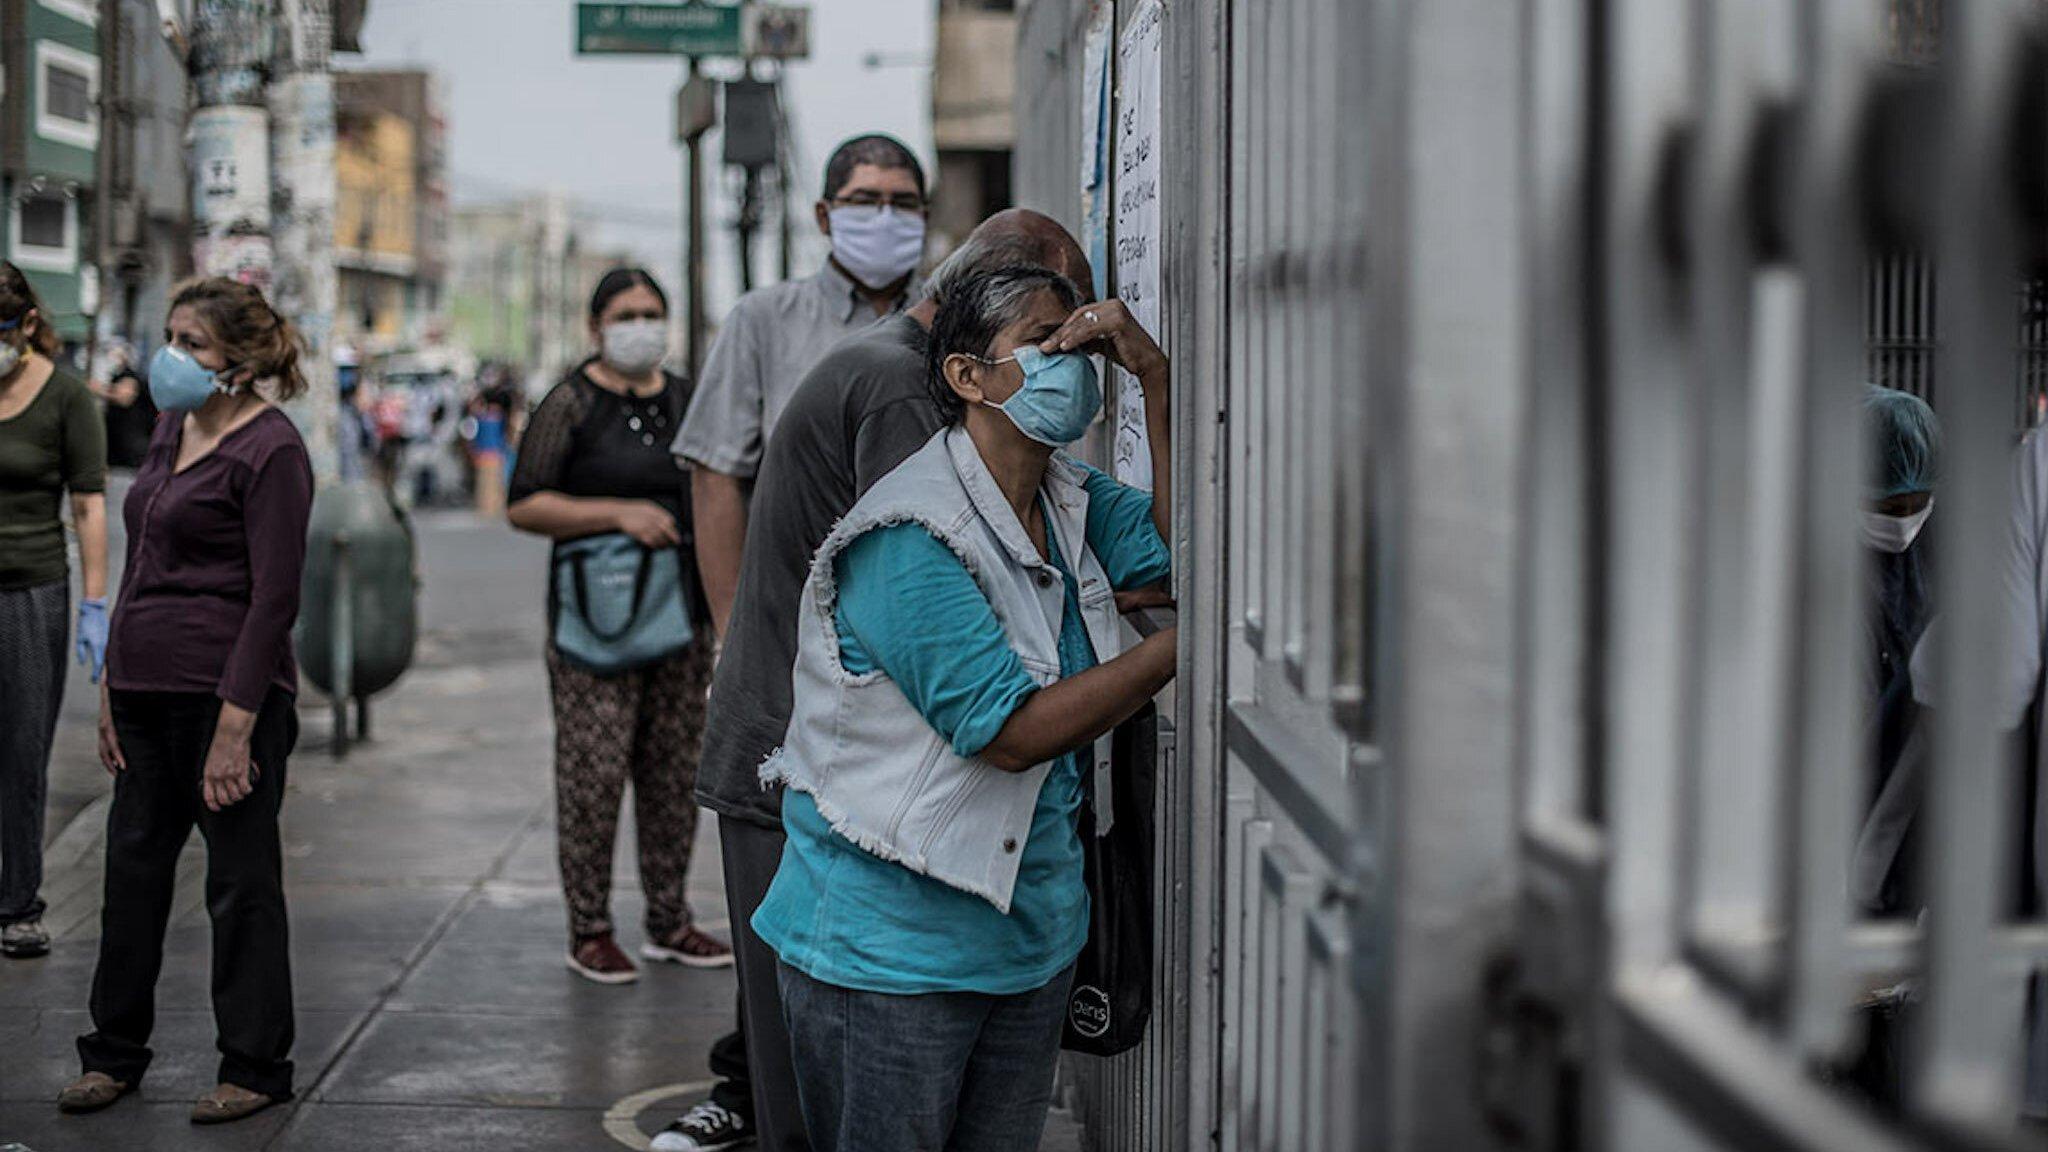 Die Frau hat graue Haare und trägt einen Mundschutz. Sie lehnt sich an das Metallgitter-Tor. Hinter ihr auf der Straße stehen weitere Menschen an.